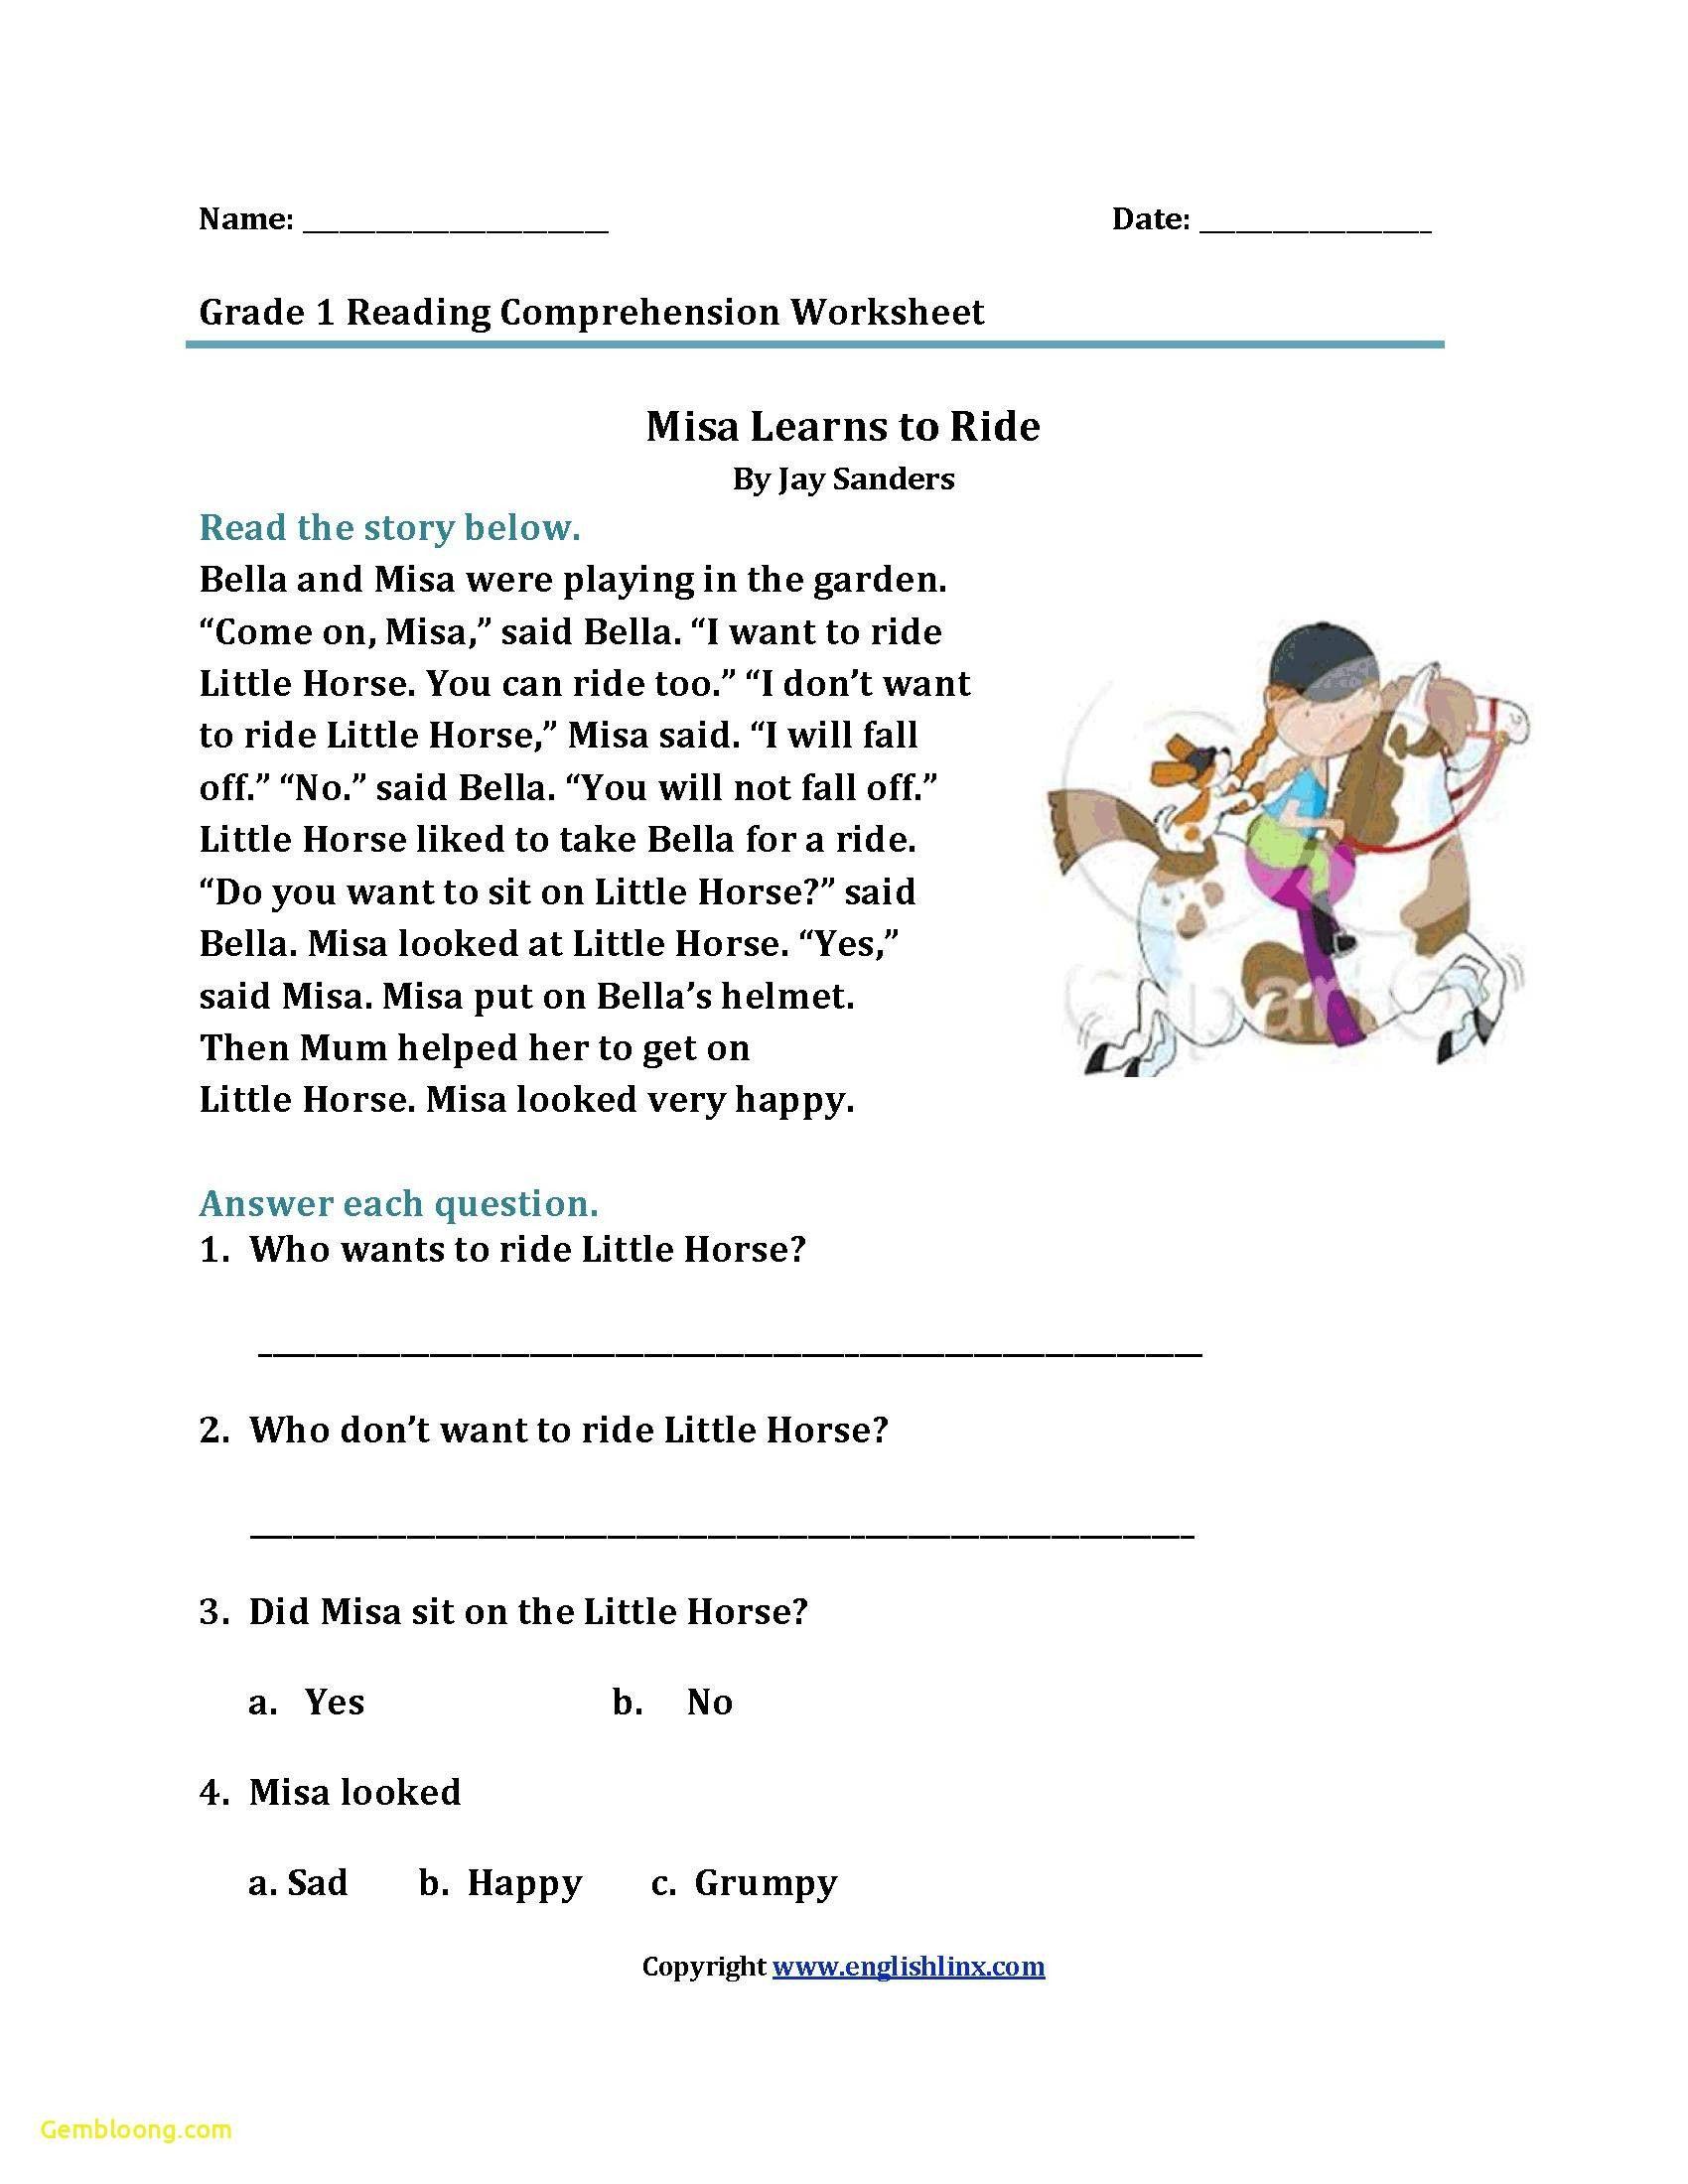 Legal Reading Comprehension 2nd Grade Worksheets